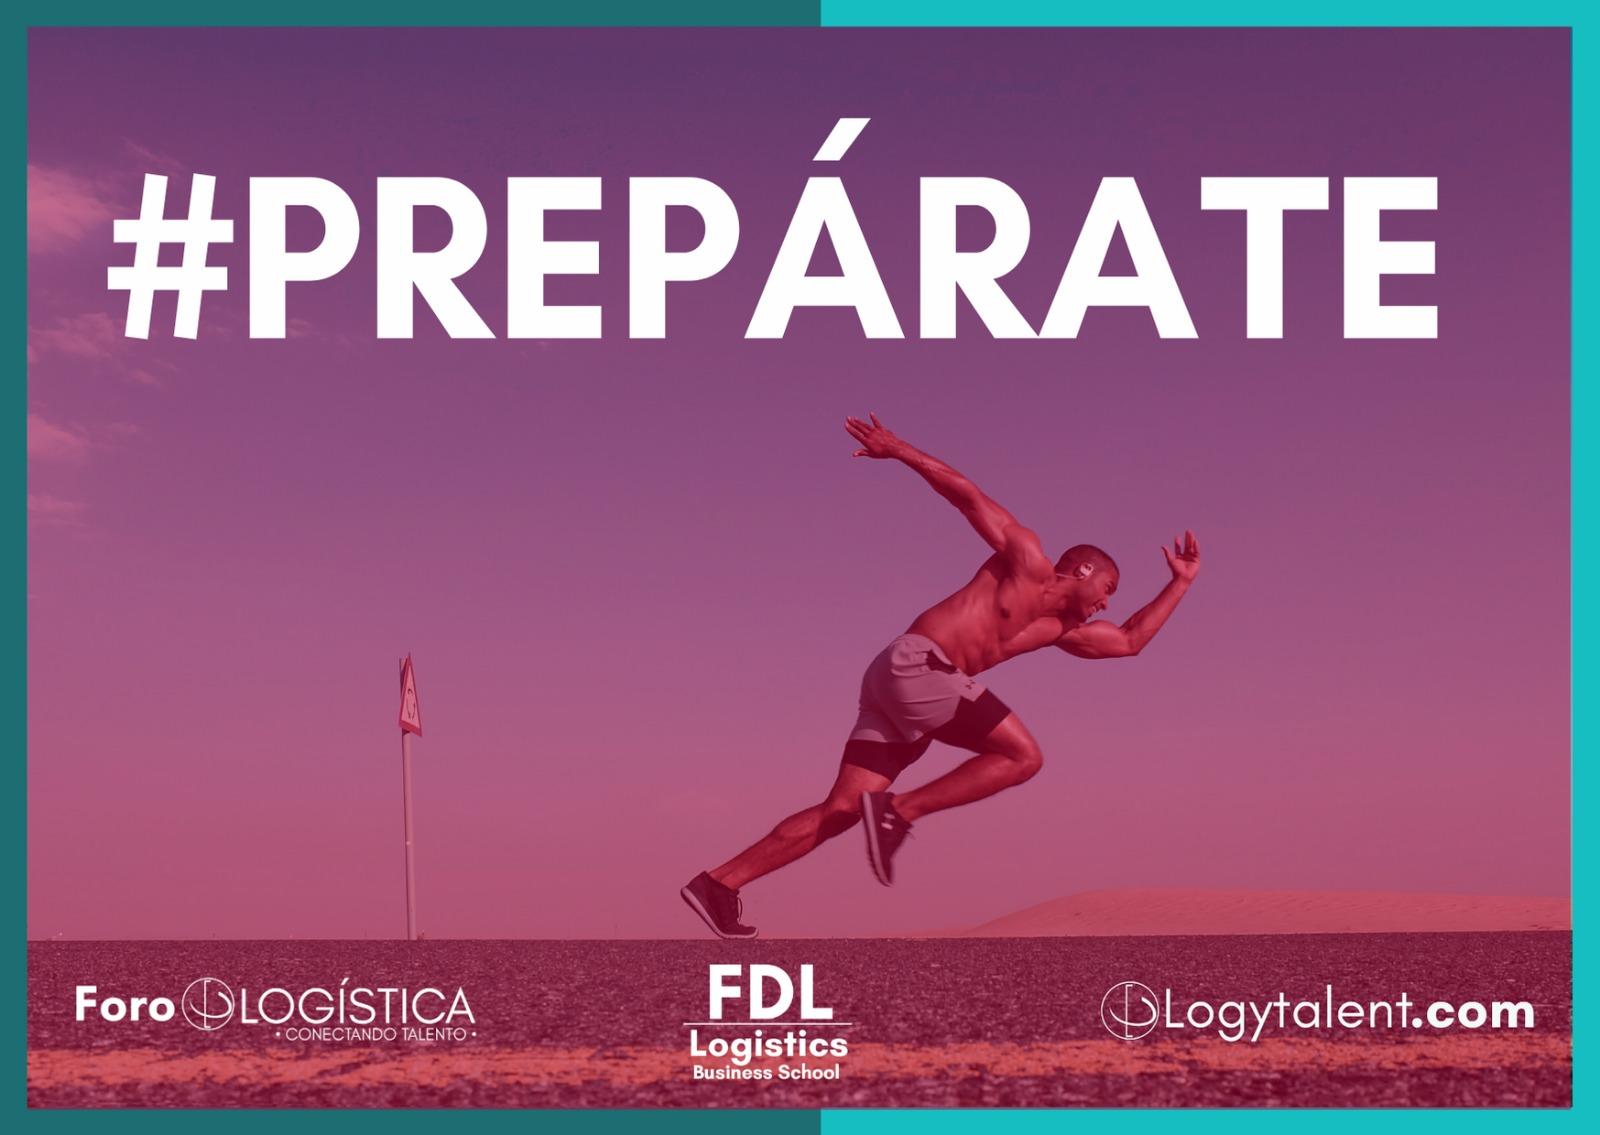 Foro de Logística lanza el programa #PREPARATE en apoyo al empleo logístico.